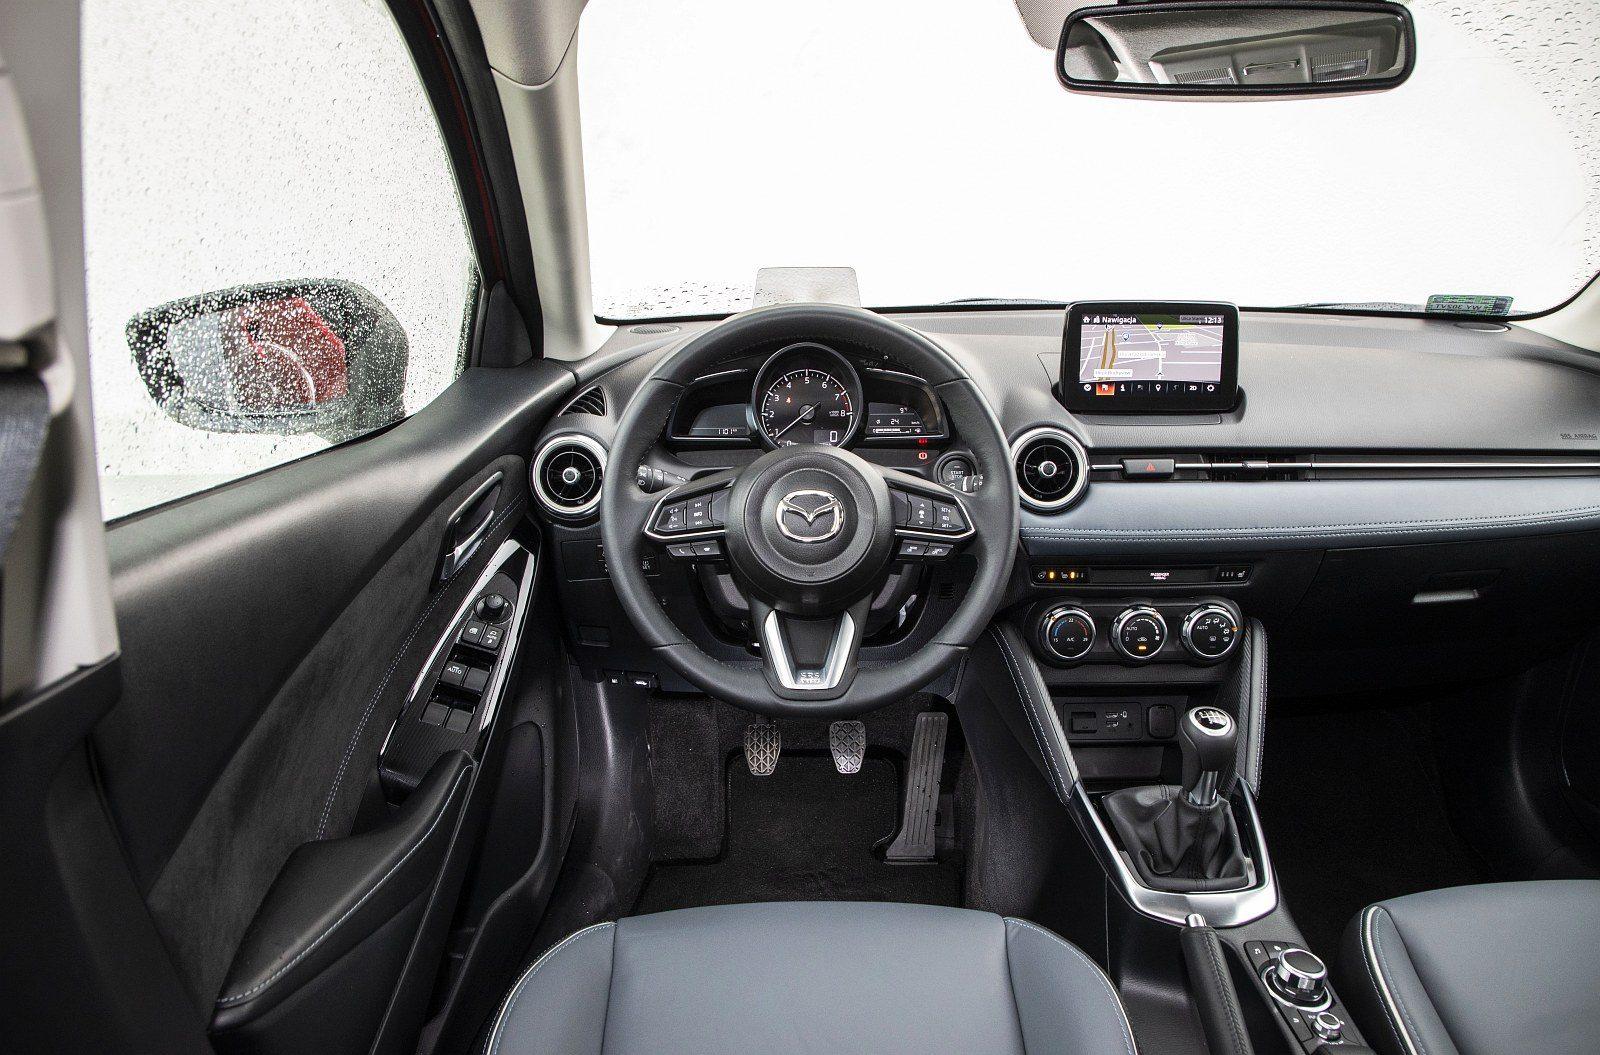 Mazda 2 1.5 Skyactiv-G M Hybrid test 2020 - deska rozdzielcza kokpit